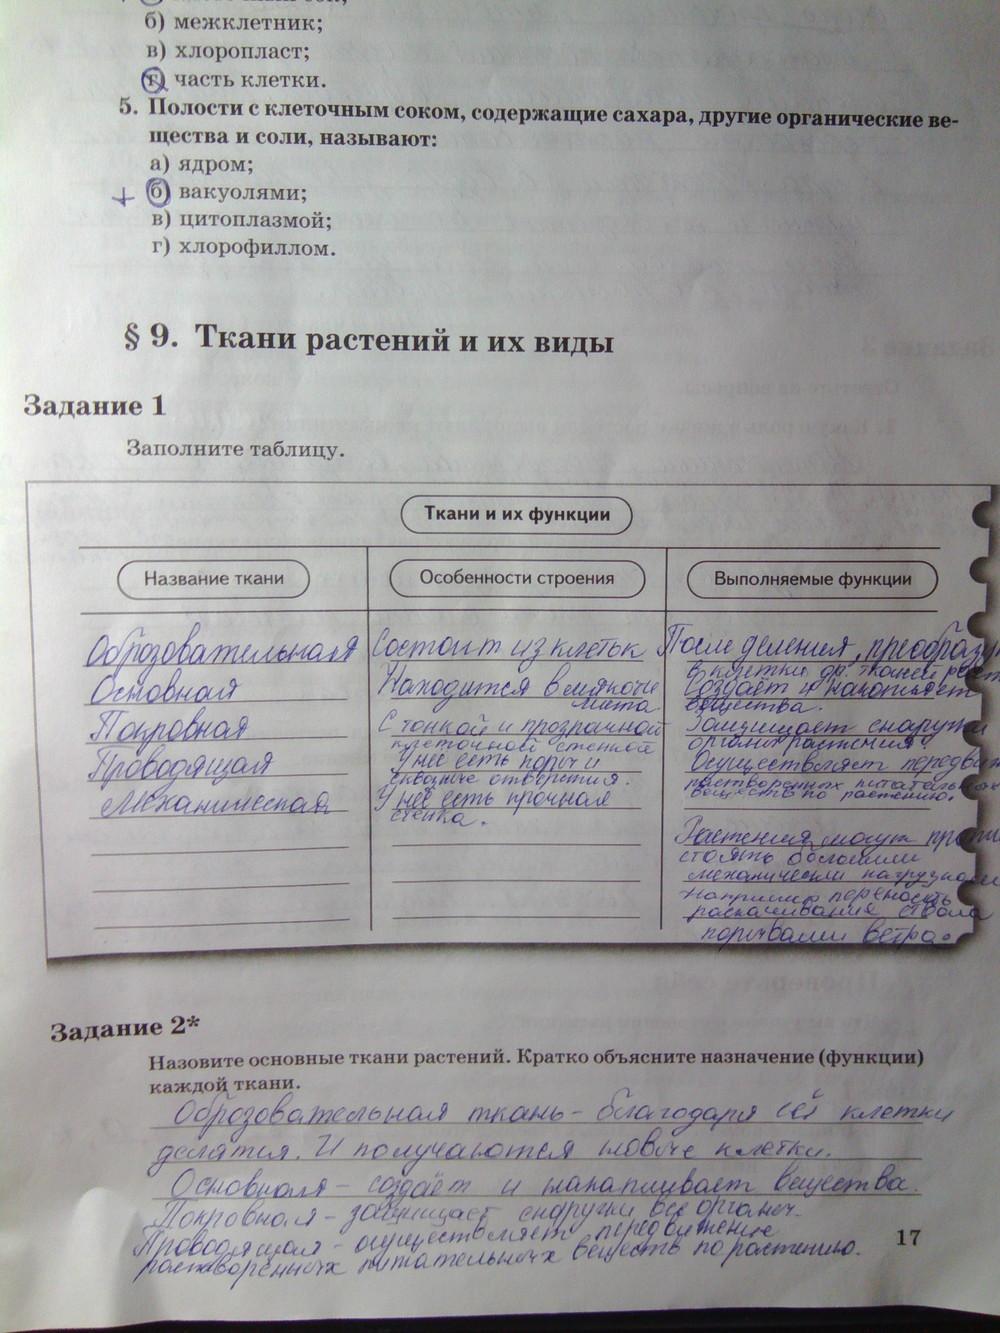 решебник по биологии рабочая тетрадь 6 класса пономарева 2 часть